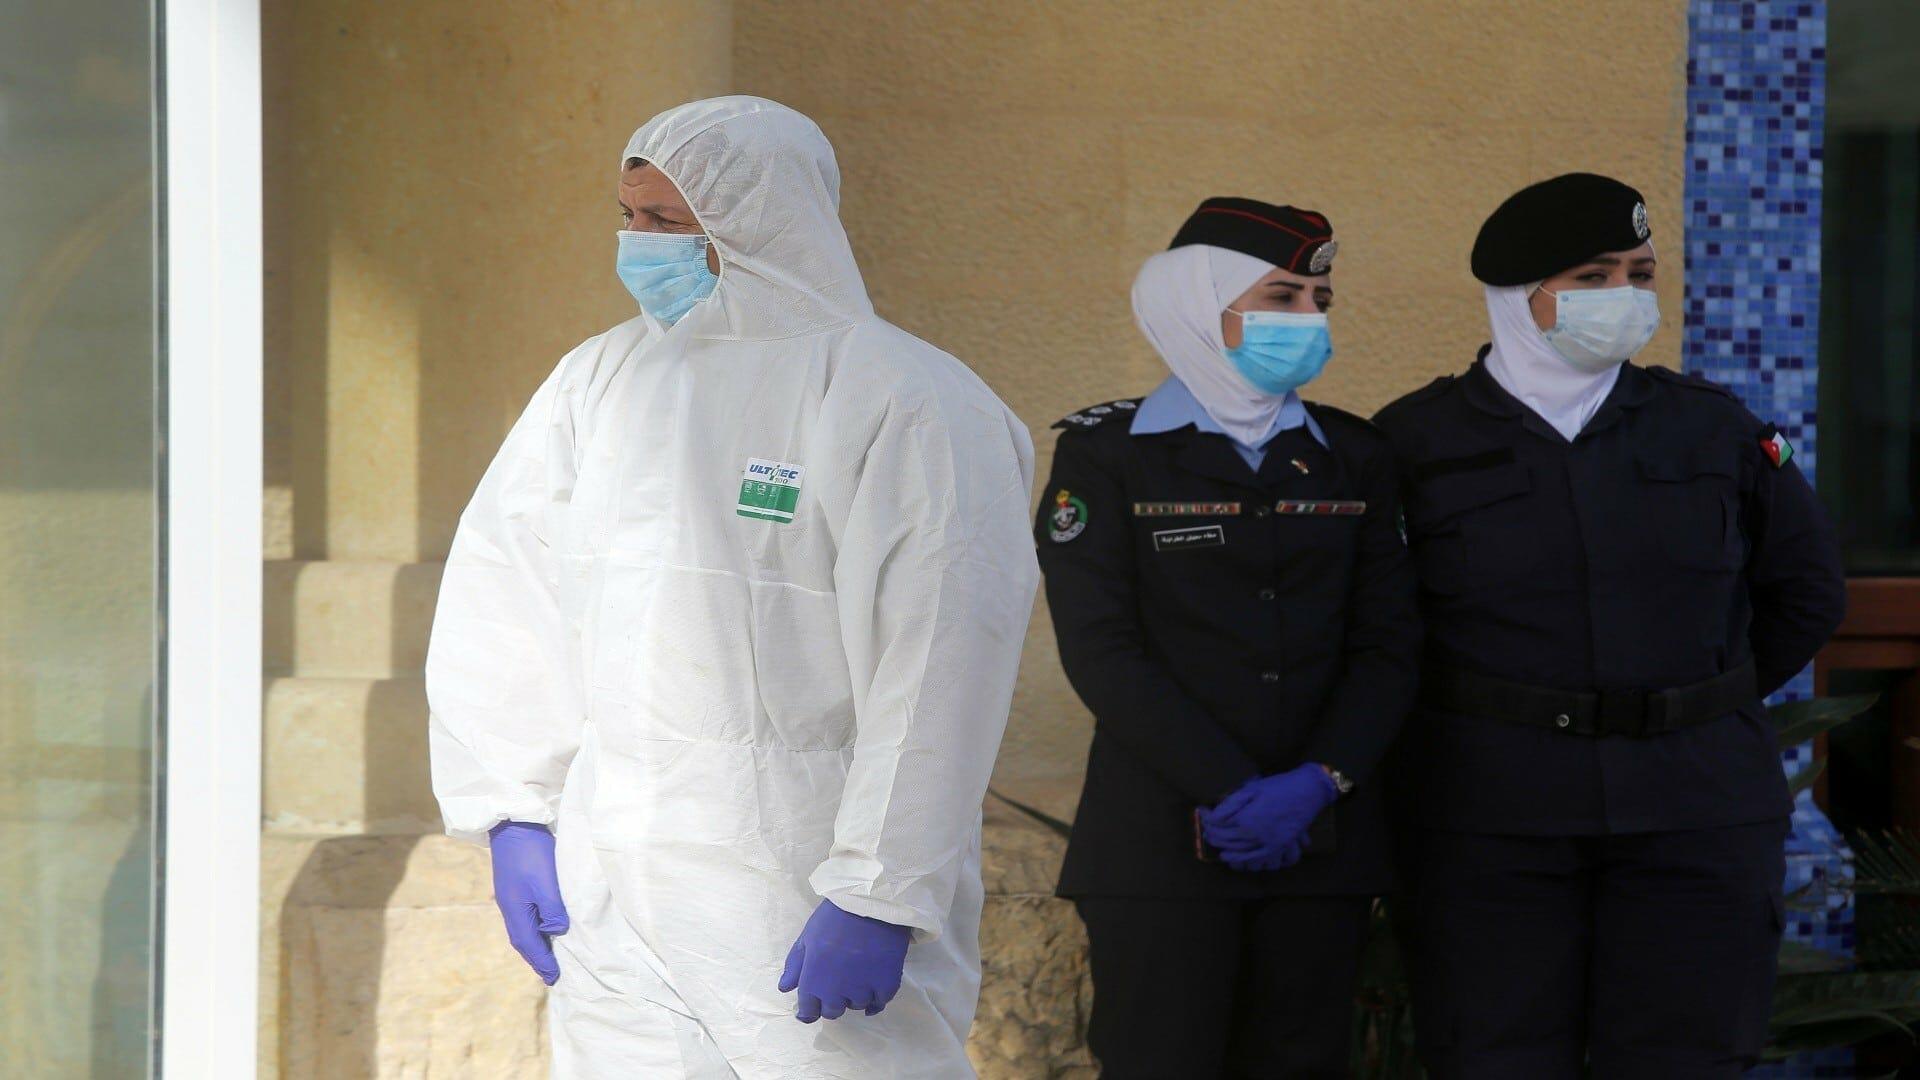 الأردن يسجل أعلى نسبة وفيات بفيروس كورونا منذ بداية الجائحة والاحتجاجات تهدأ حدتها